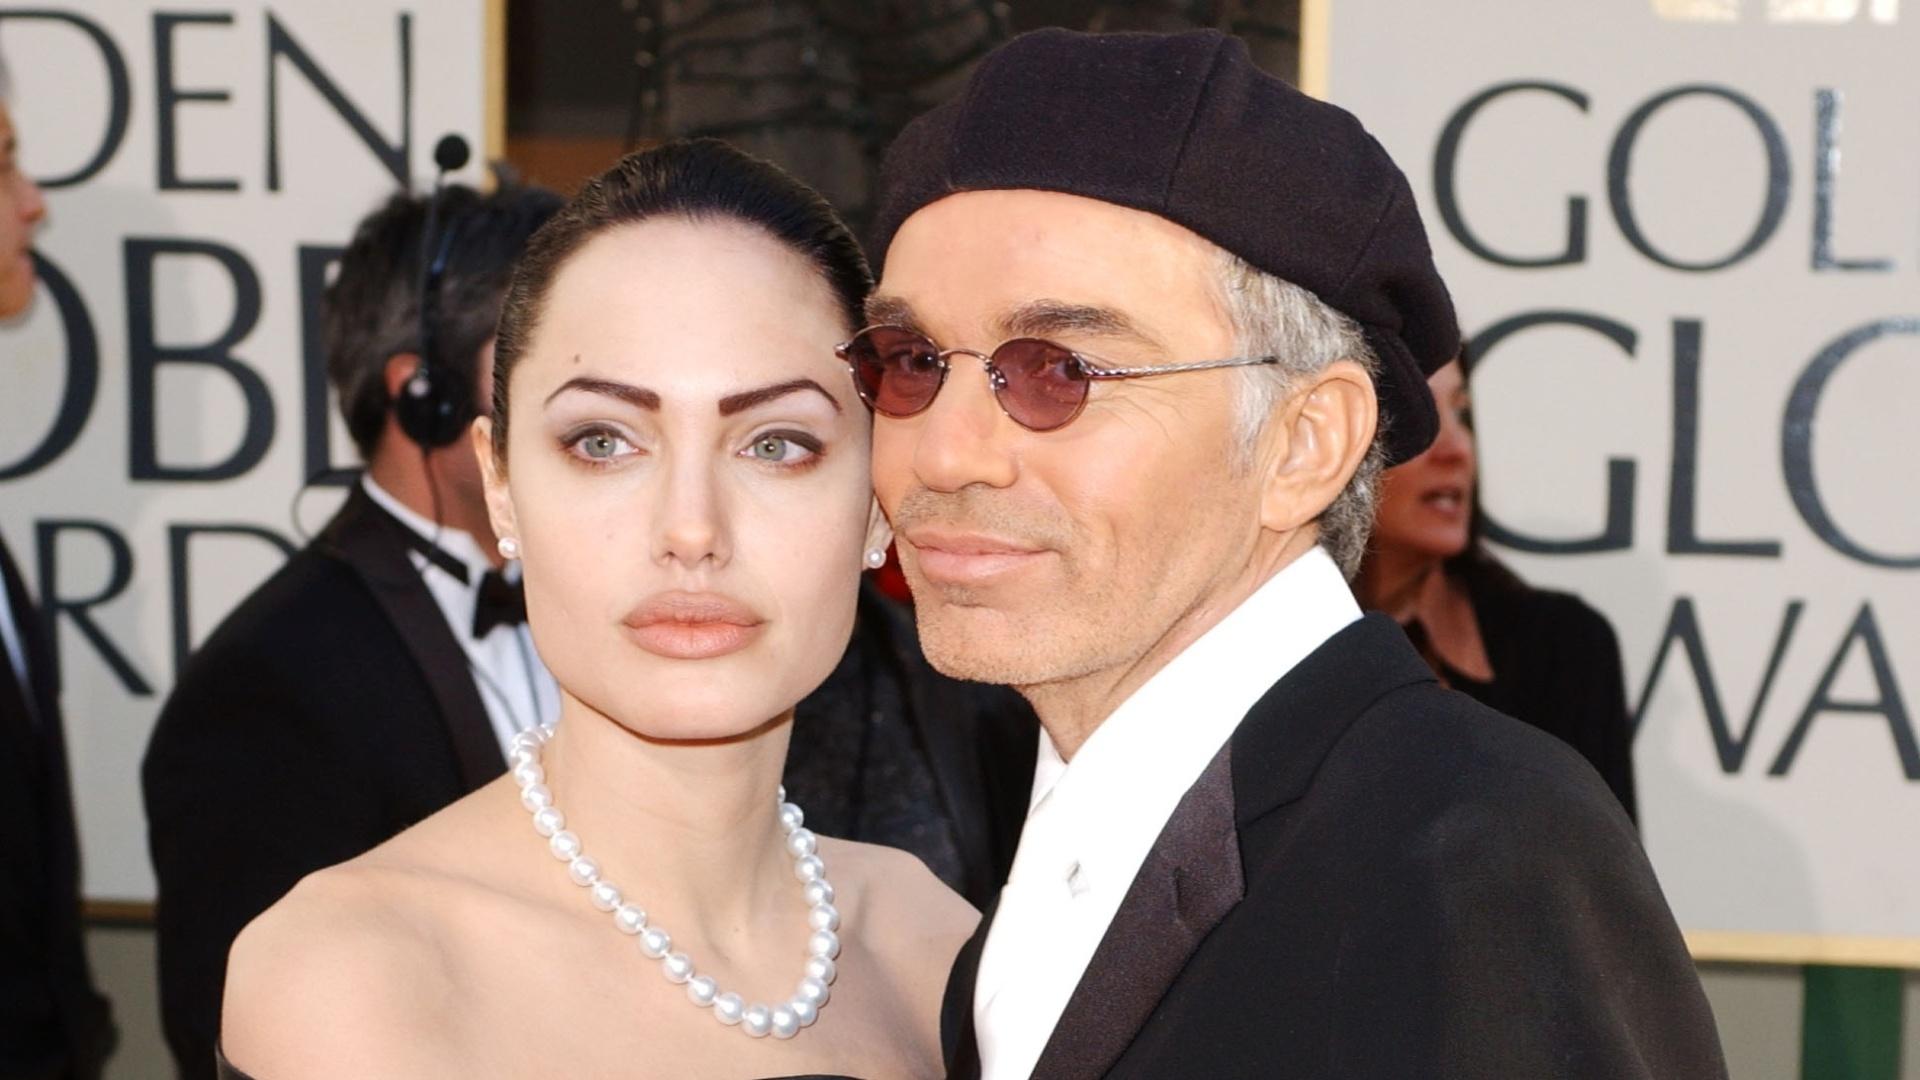 20.jan.2002 - Angelina Jolie e Billy Bob Thorton no Globo de Ouro